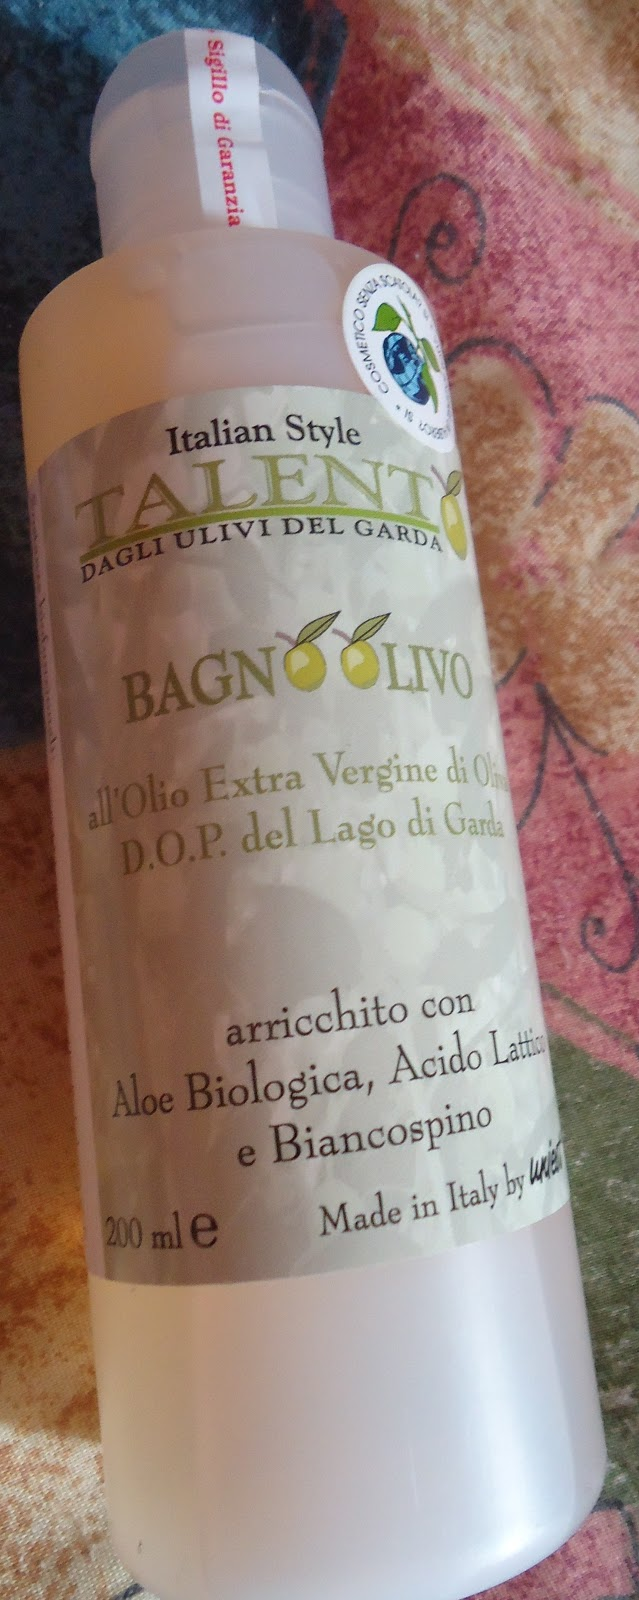 Bagno olivo il bagno doccia all 39 olio extra vergine di oliva d o p del lago di garda - Etichetta bagno donne ...